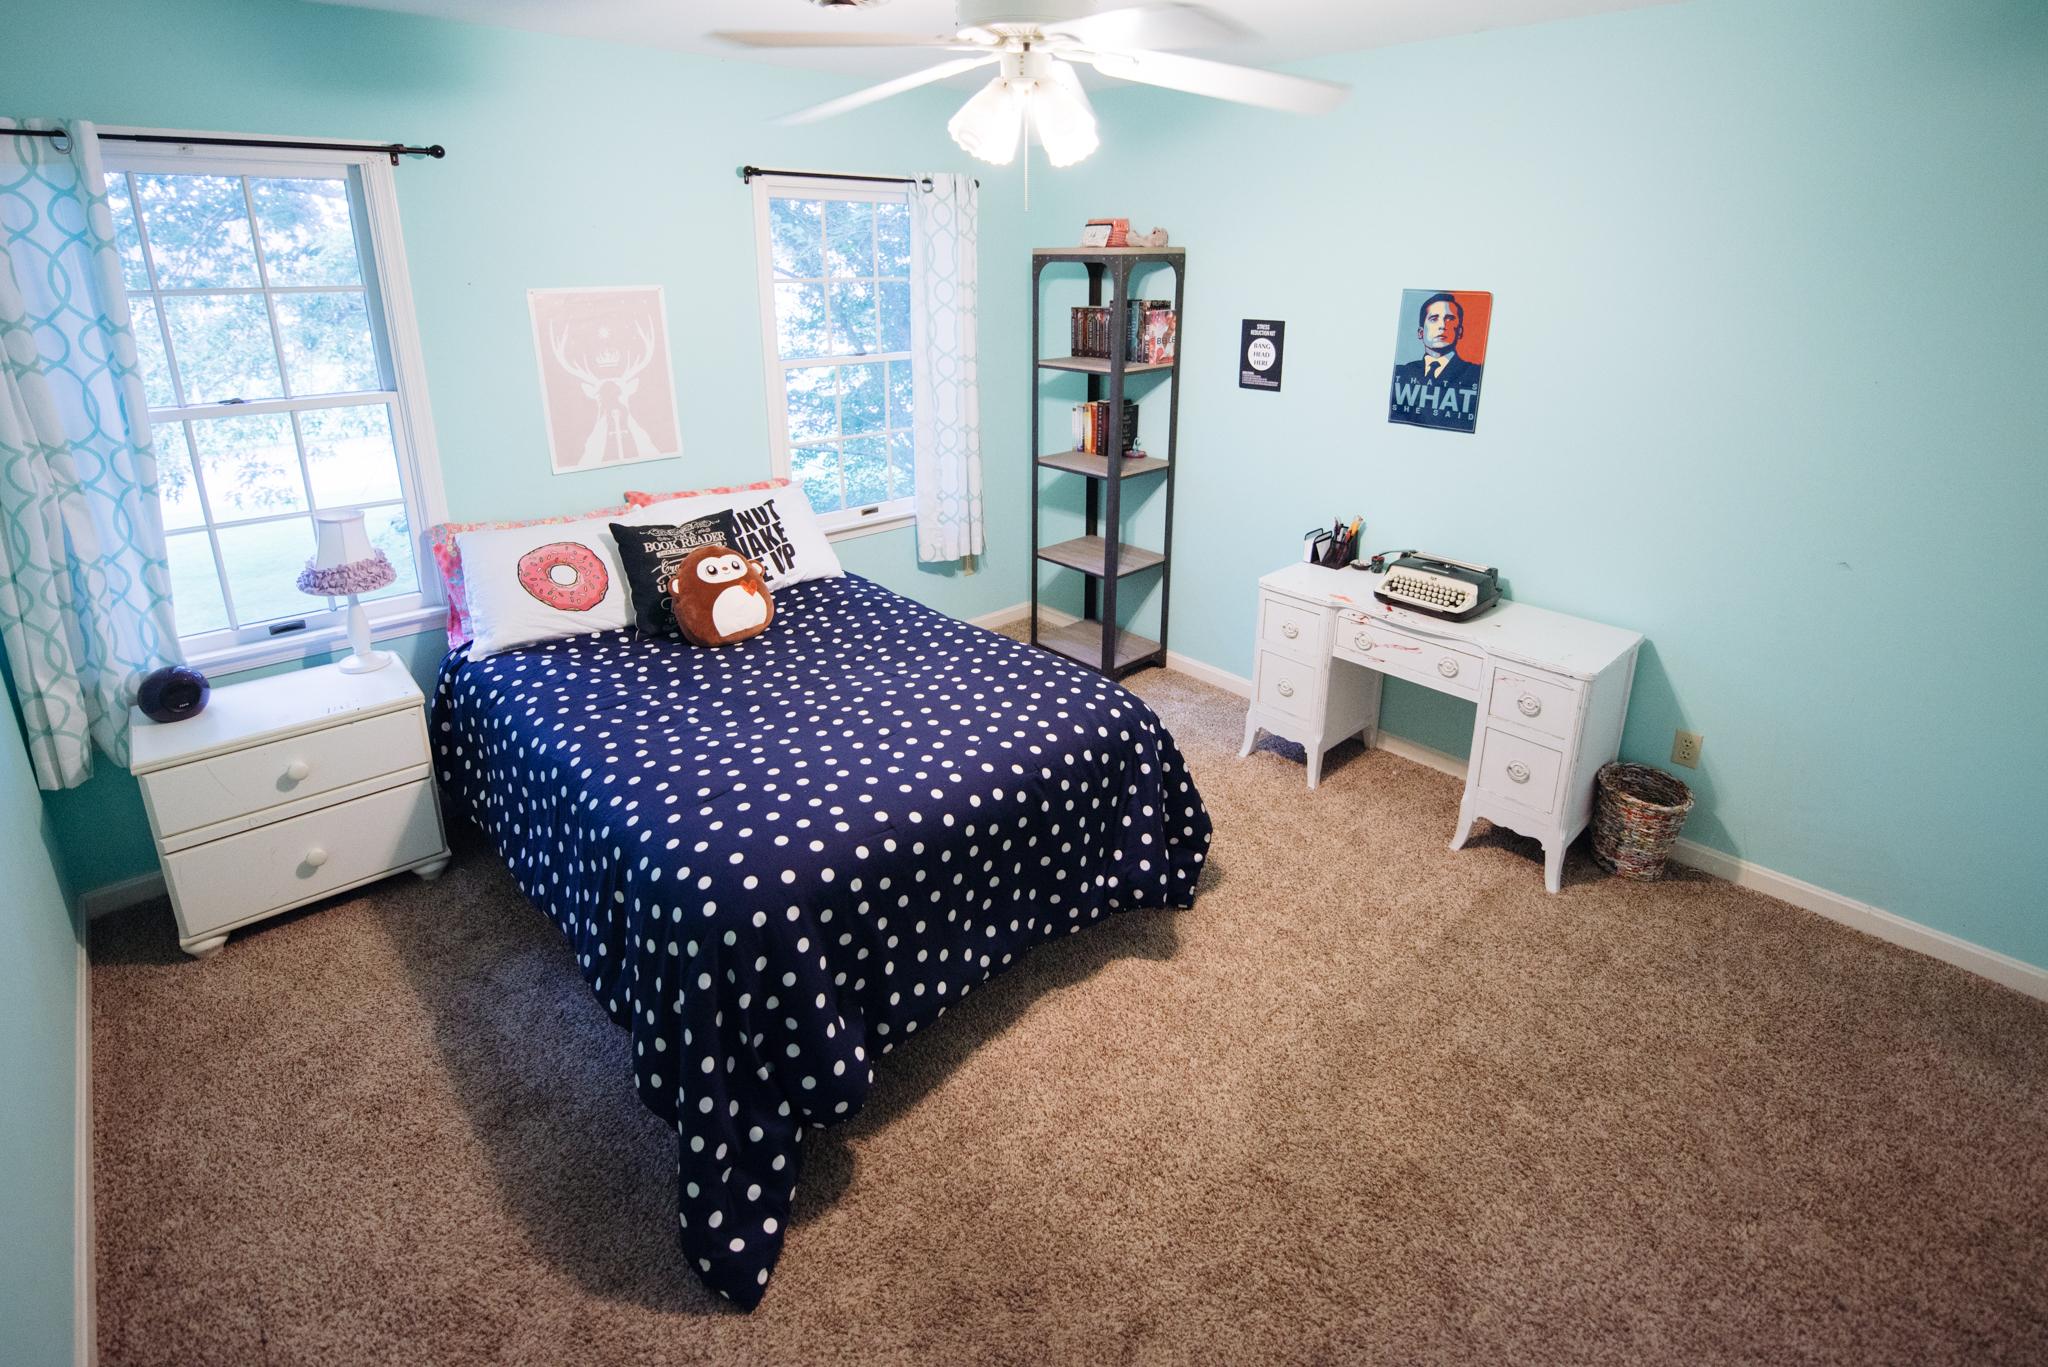 Bedroom 2 - 13' x 12' (approx)